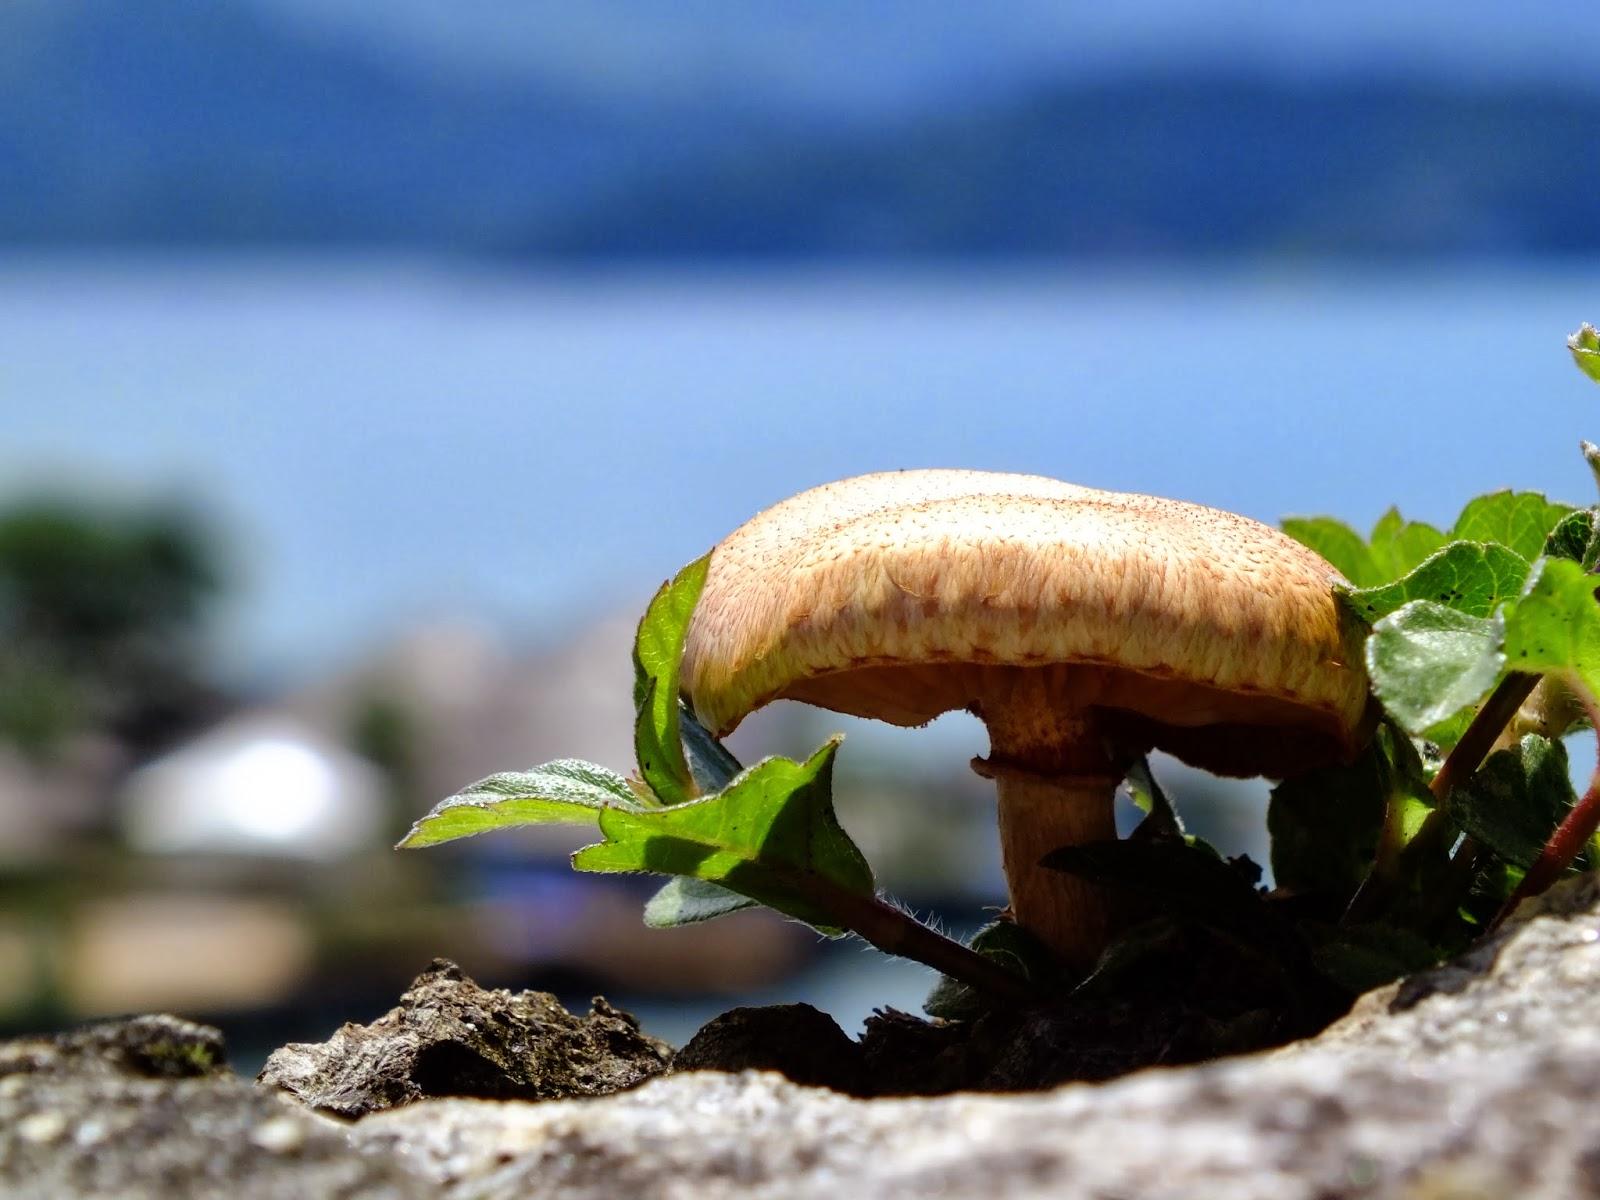 http://aprendendocomasimagens.blogspot.com/2013/11/a-moradia-do-desconhecido.html - No mundo da biodiversidade, também existe a imaginação. Nela podemos dizer que encontramos diversidades de moradias que diga-se presente em um mundo imaginário da fantasia...